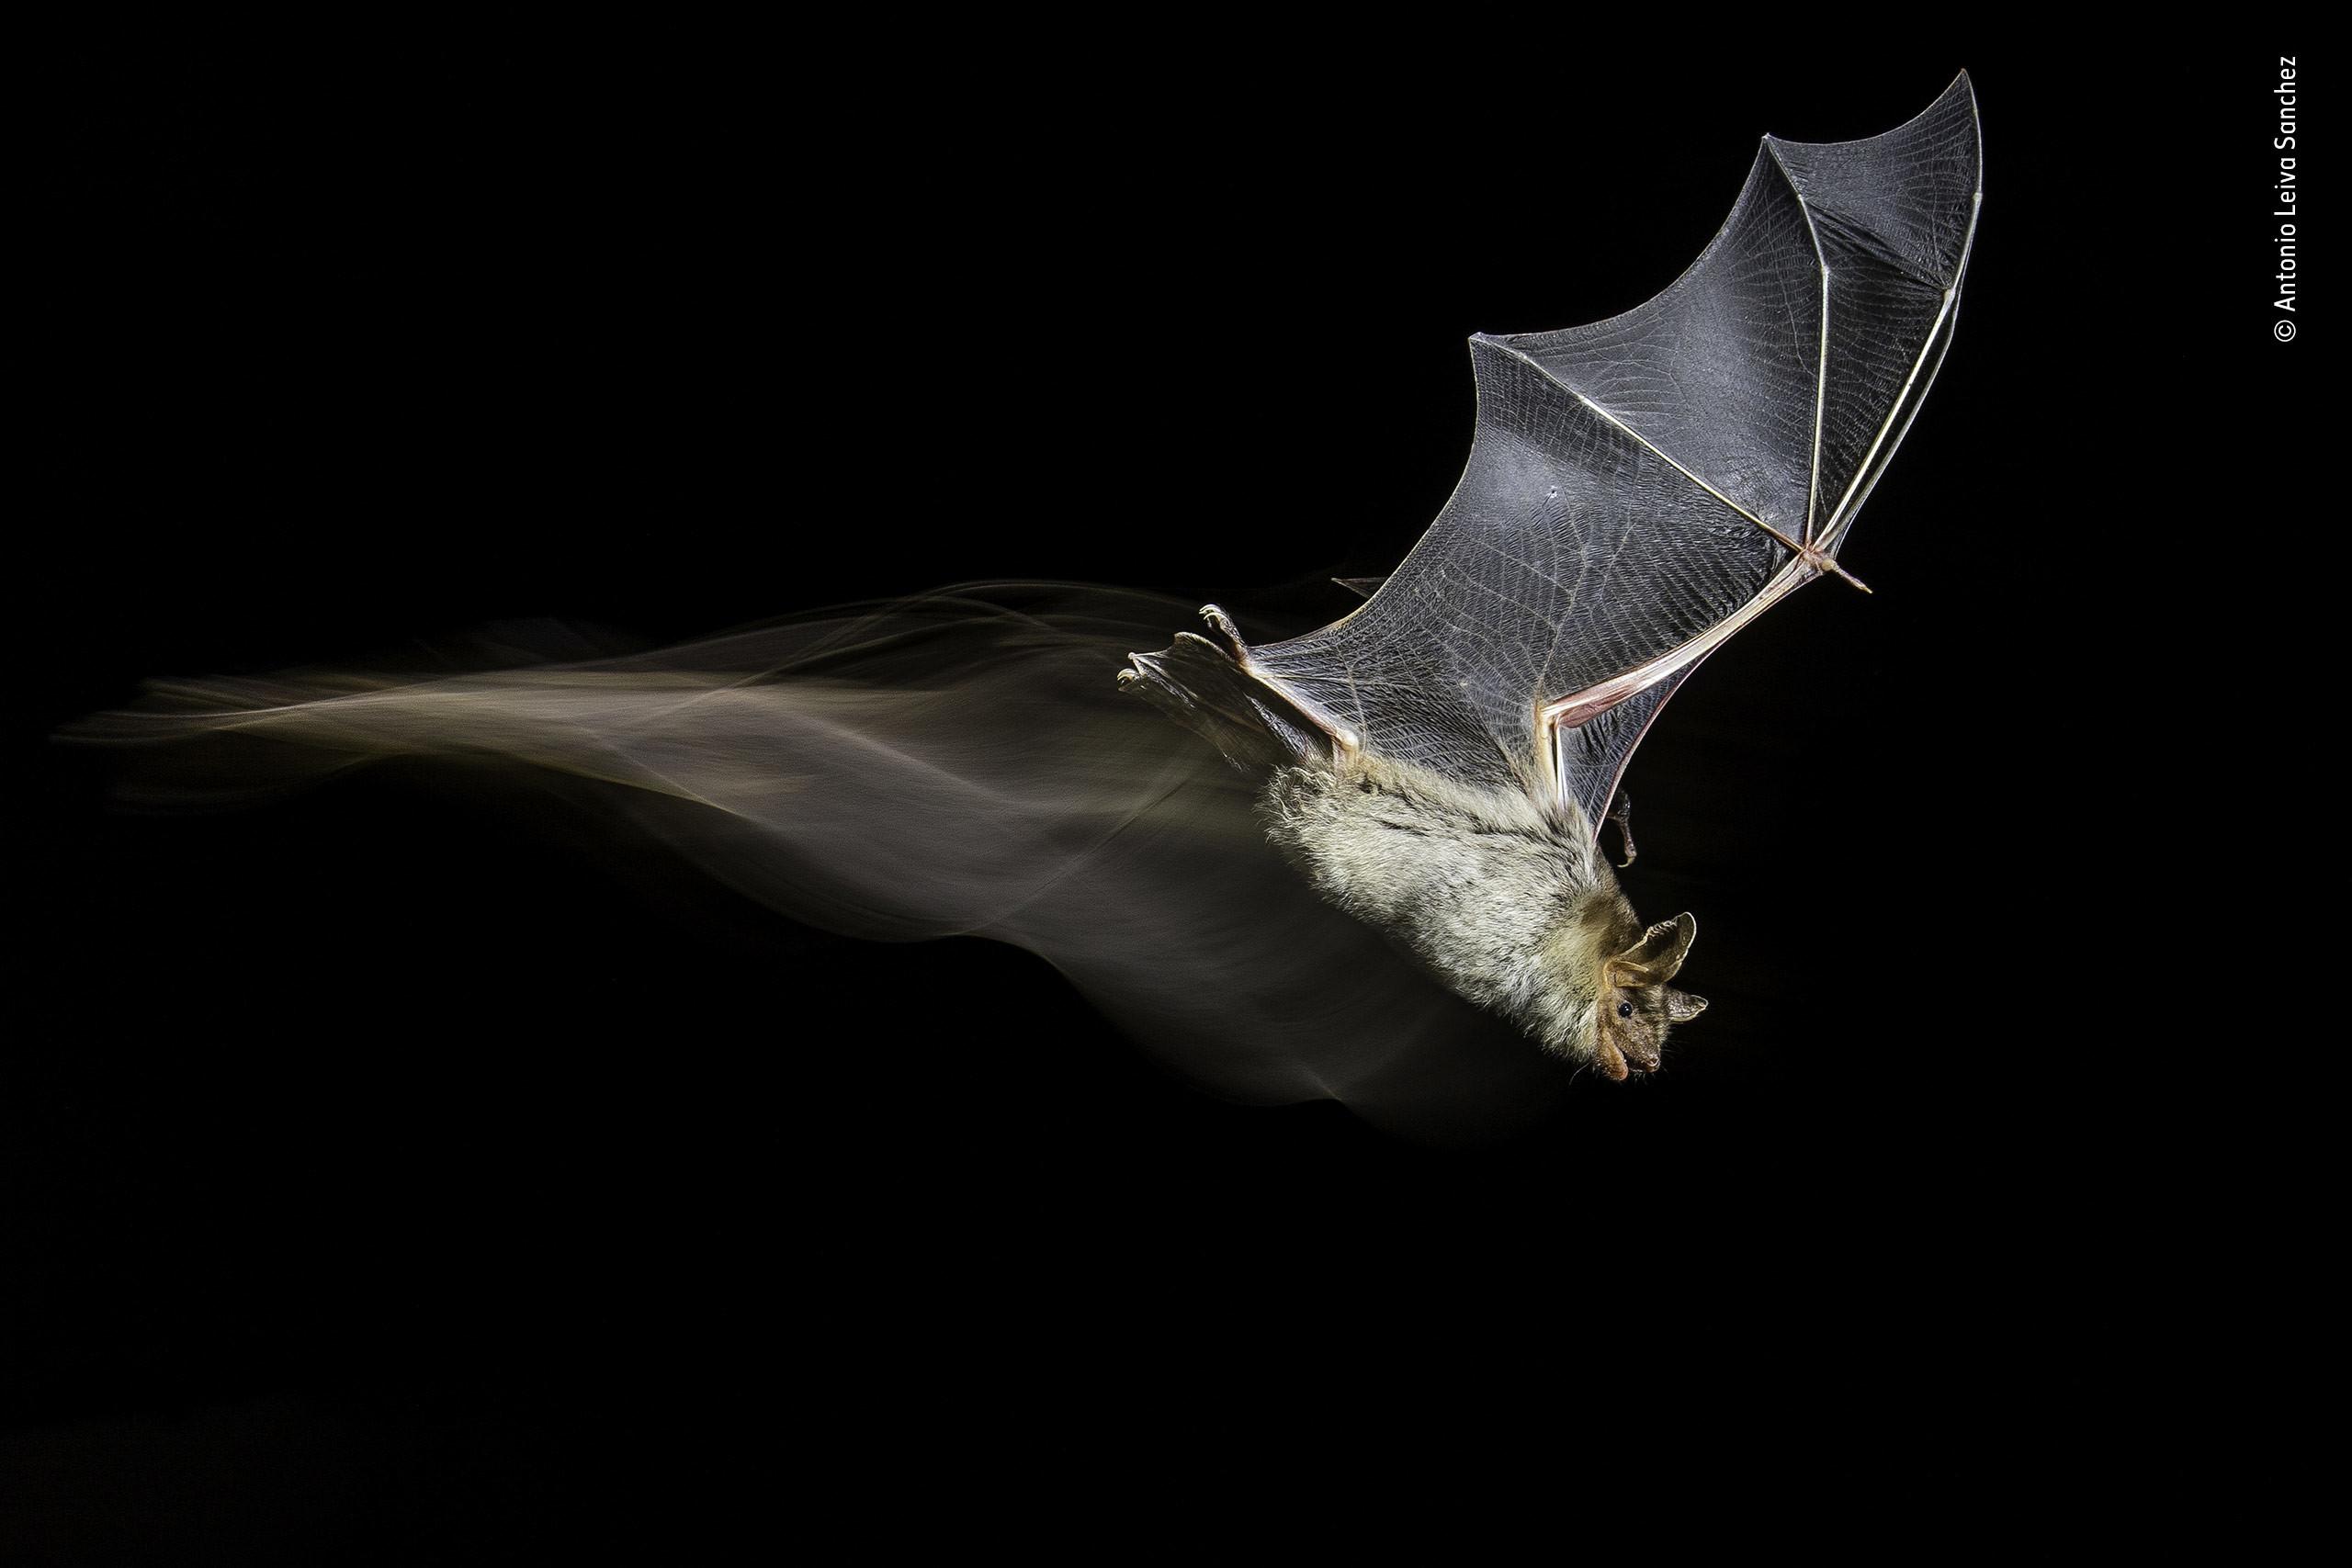 Фото: © Wildlife Photographer of the Year/Natural History Museum/Antonio Leiva Sanchez